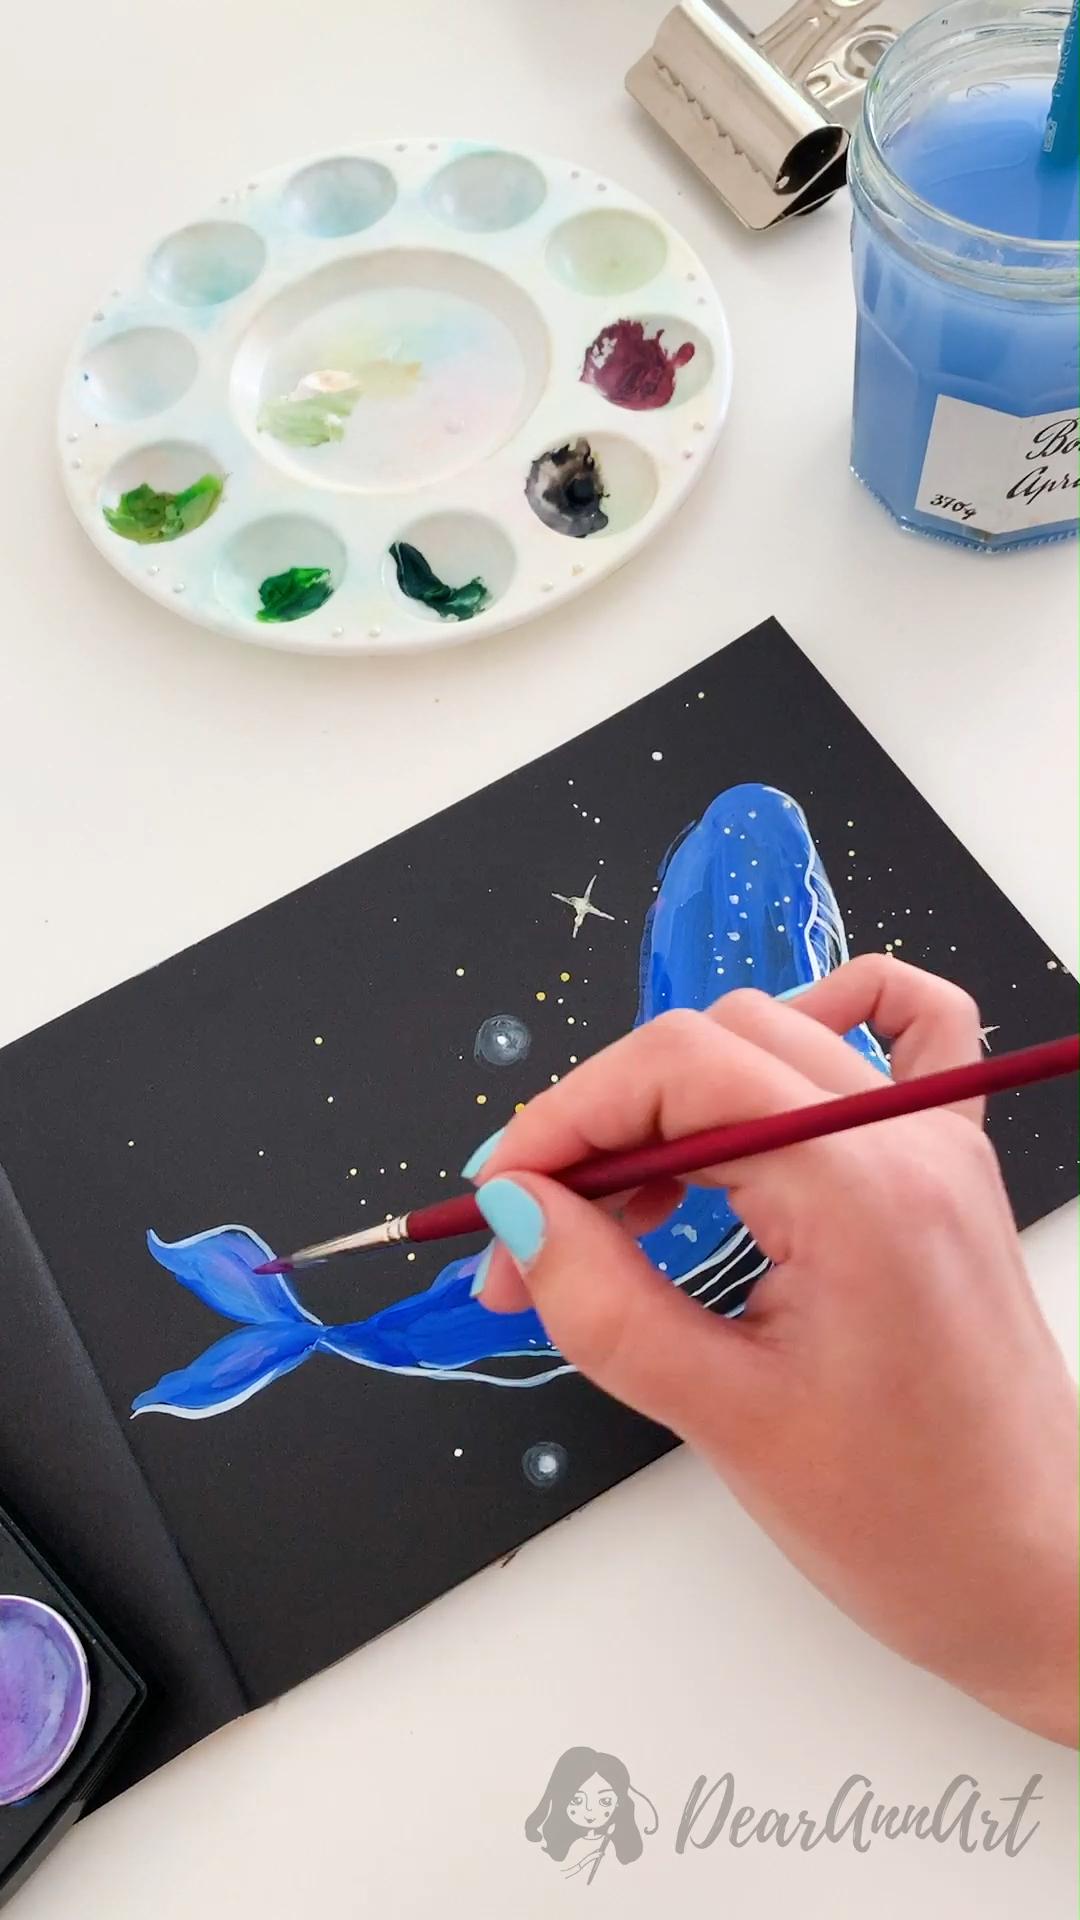 Blue Whale Gouache Painting Process